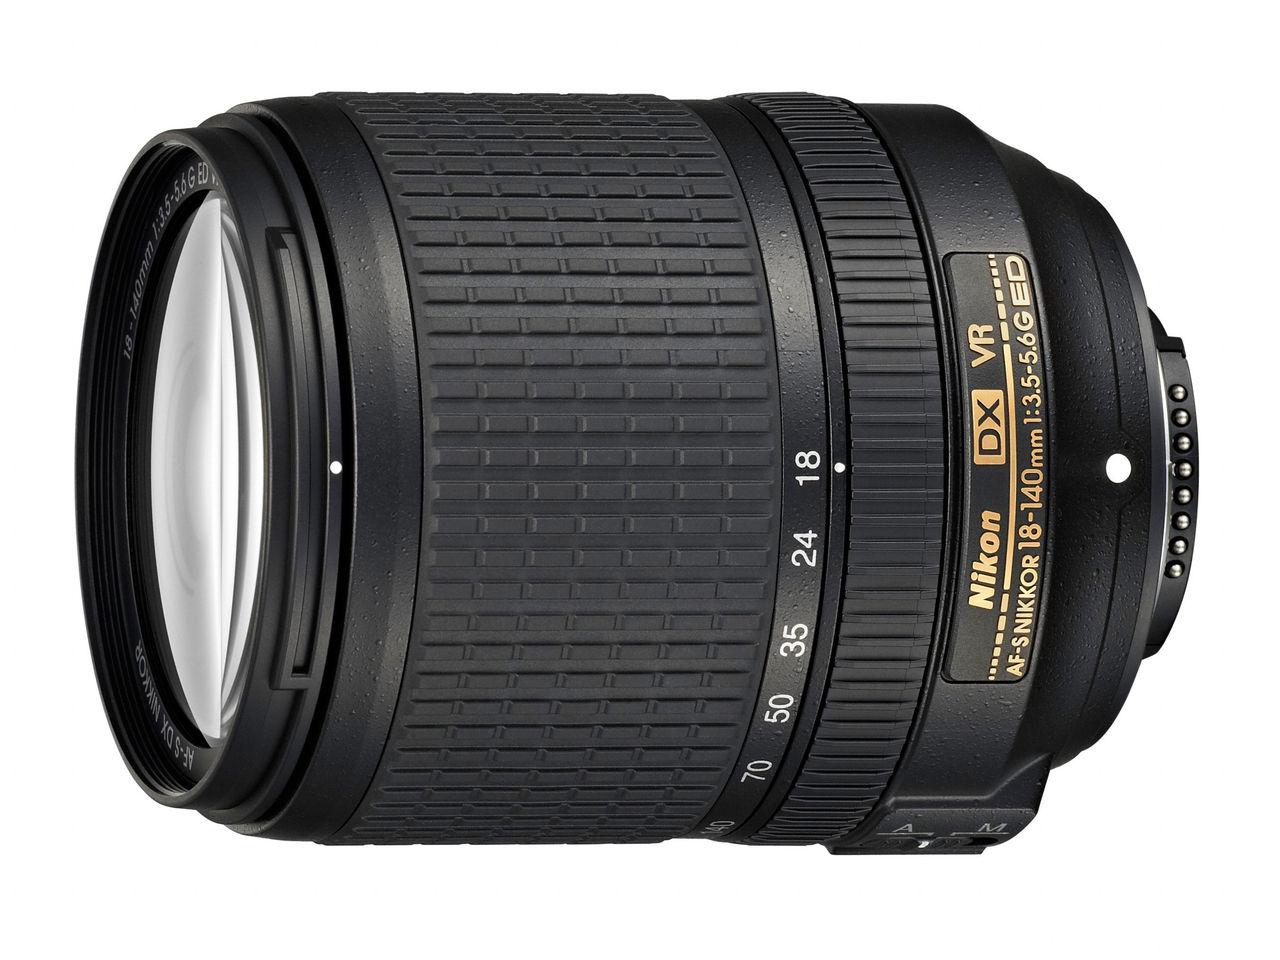 Nytt objektiv från Nikon